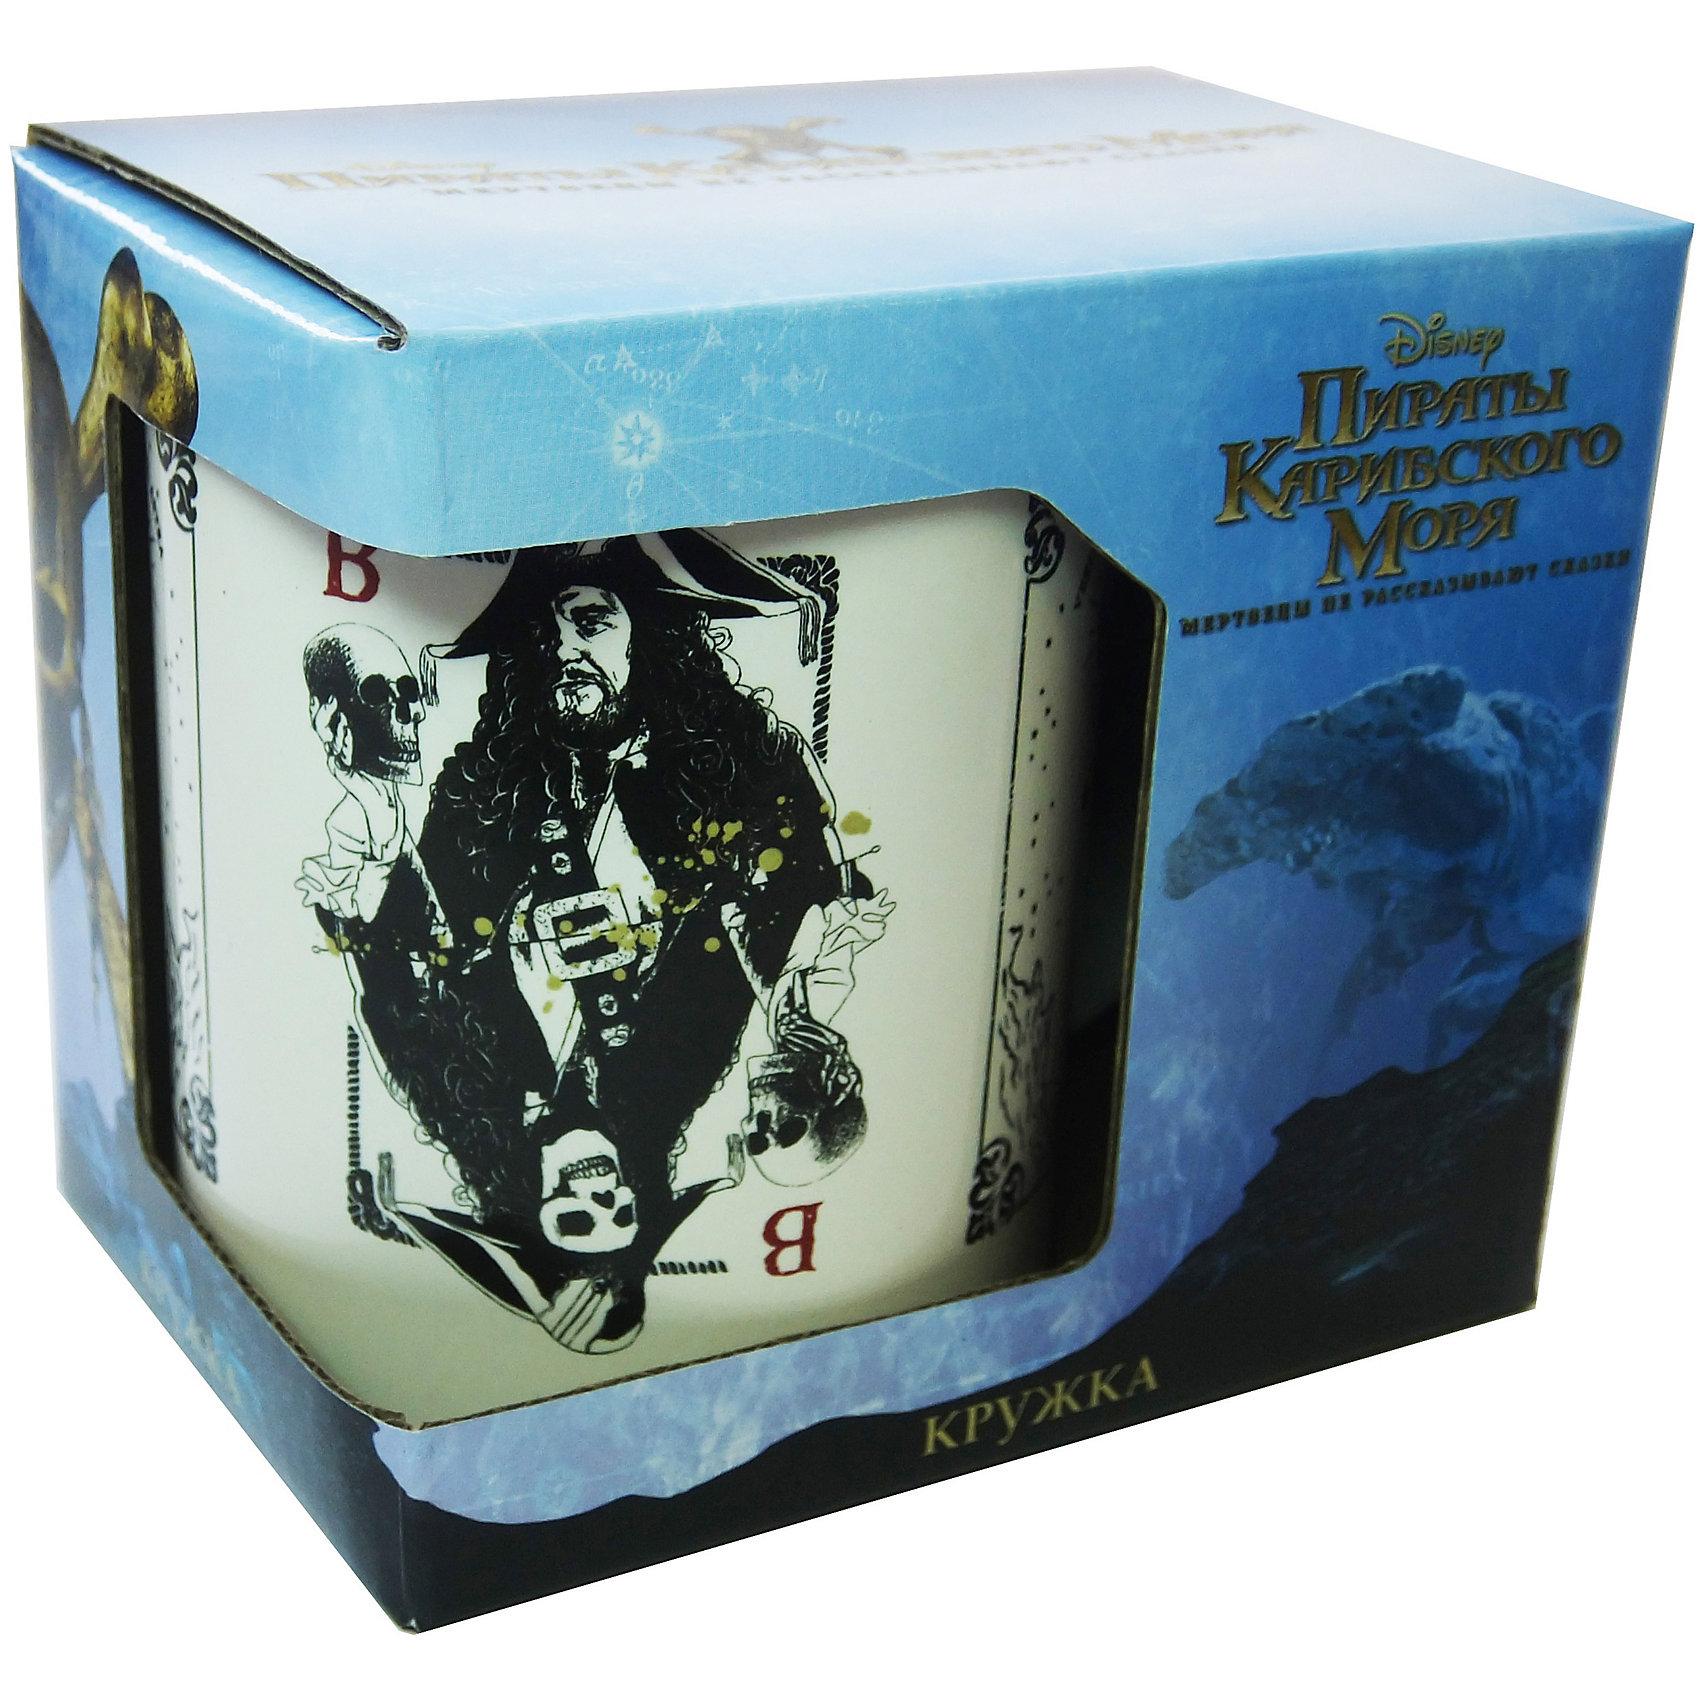 Кружка Пираты Карибского Моря. Карты в подарочной упаковке, 500мл., DisneyДетская посуда<br>Характеристики:<br><br>• Материал: керамика<br>• Можно использовать для горячих и холодных напитков<br>• Объем: 500 мл<br>• Упаковка: подарочная картонная коробка<br>• Вес: 530 г <br>• Размеры (Д*Ш*В): 12*8,2*9,5 см<br>• Особенности ухода: можно мыть в посудомоечной машине<br><br>Кружка Пираты Карибского моря. Карты в подарочной упаковке, 500 мл., Disney выполнена в стильном дизайне: на белый корпус нанесено изображение имитирующее игральные карты с героями фильма. Изображение устойчиво к появлению царапин, не выцветает при частом мытье. <br><br>Кружку Пираты Карибского моря. Карты в подарочной упаковке, 500 мл., Disney можно купить в нашем интернет-магазине.<br><br>Ширина мм: 120<br>Глубина мм: 82<br>Высота мм: 95<br>Вес г: 530<br>Возраст от месяцев: 36<br>Возраст до месяцев: 1188<br>Пол: Унисекс<br>Возраст: Детский<br>SKU: 6849950